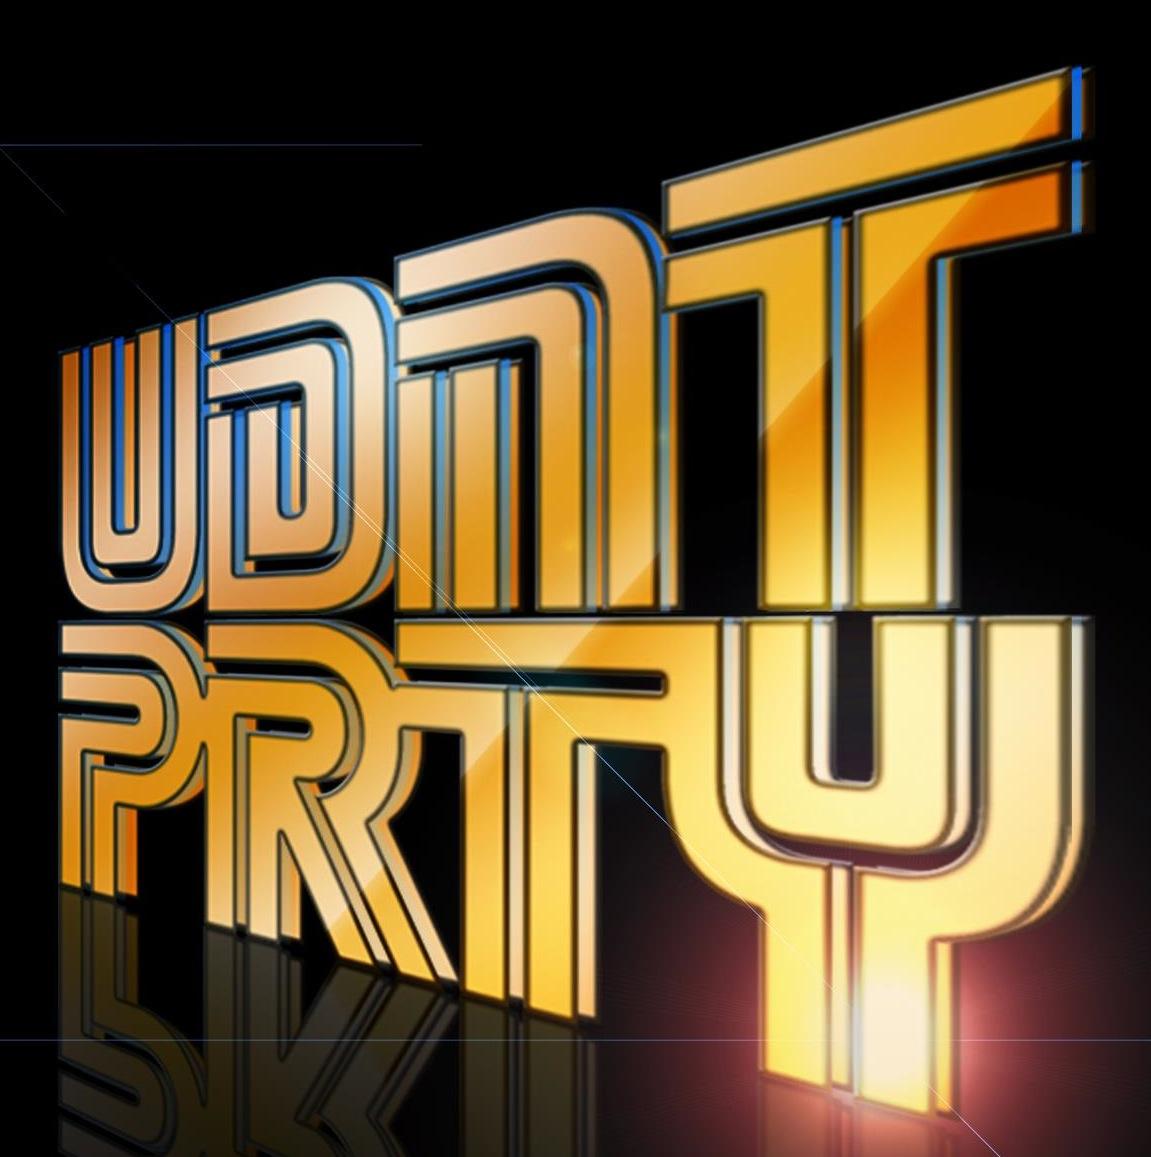 UDNTPRTY (Craig Heneveld) Podcast